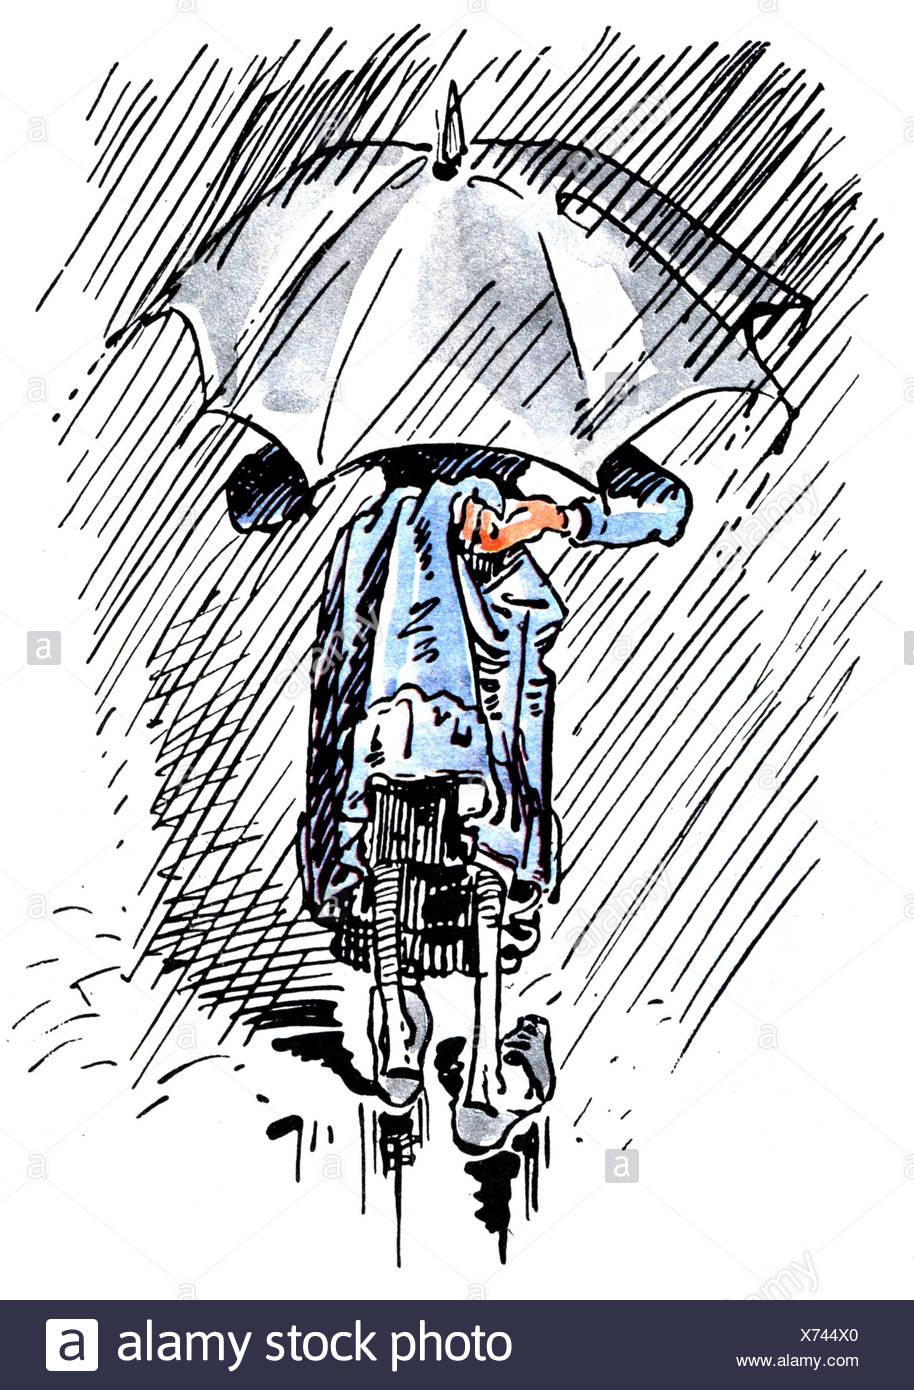 Literatur, Dideldum!, Wilhelm Busch, Truebe Aussicht, regnerischen Wetter, Comic, Deutschland, Frau, Regen, Regen, reapking, Rock, Ausblick, Aussicht, historischen, geschichtlichen, Leute, Frauen, frau, Artist's Urheberrecht nicht geklärt zu werden. Stockbild